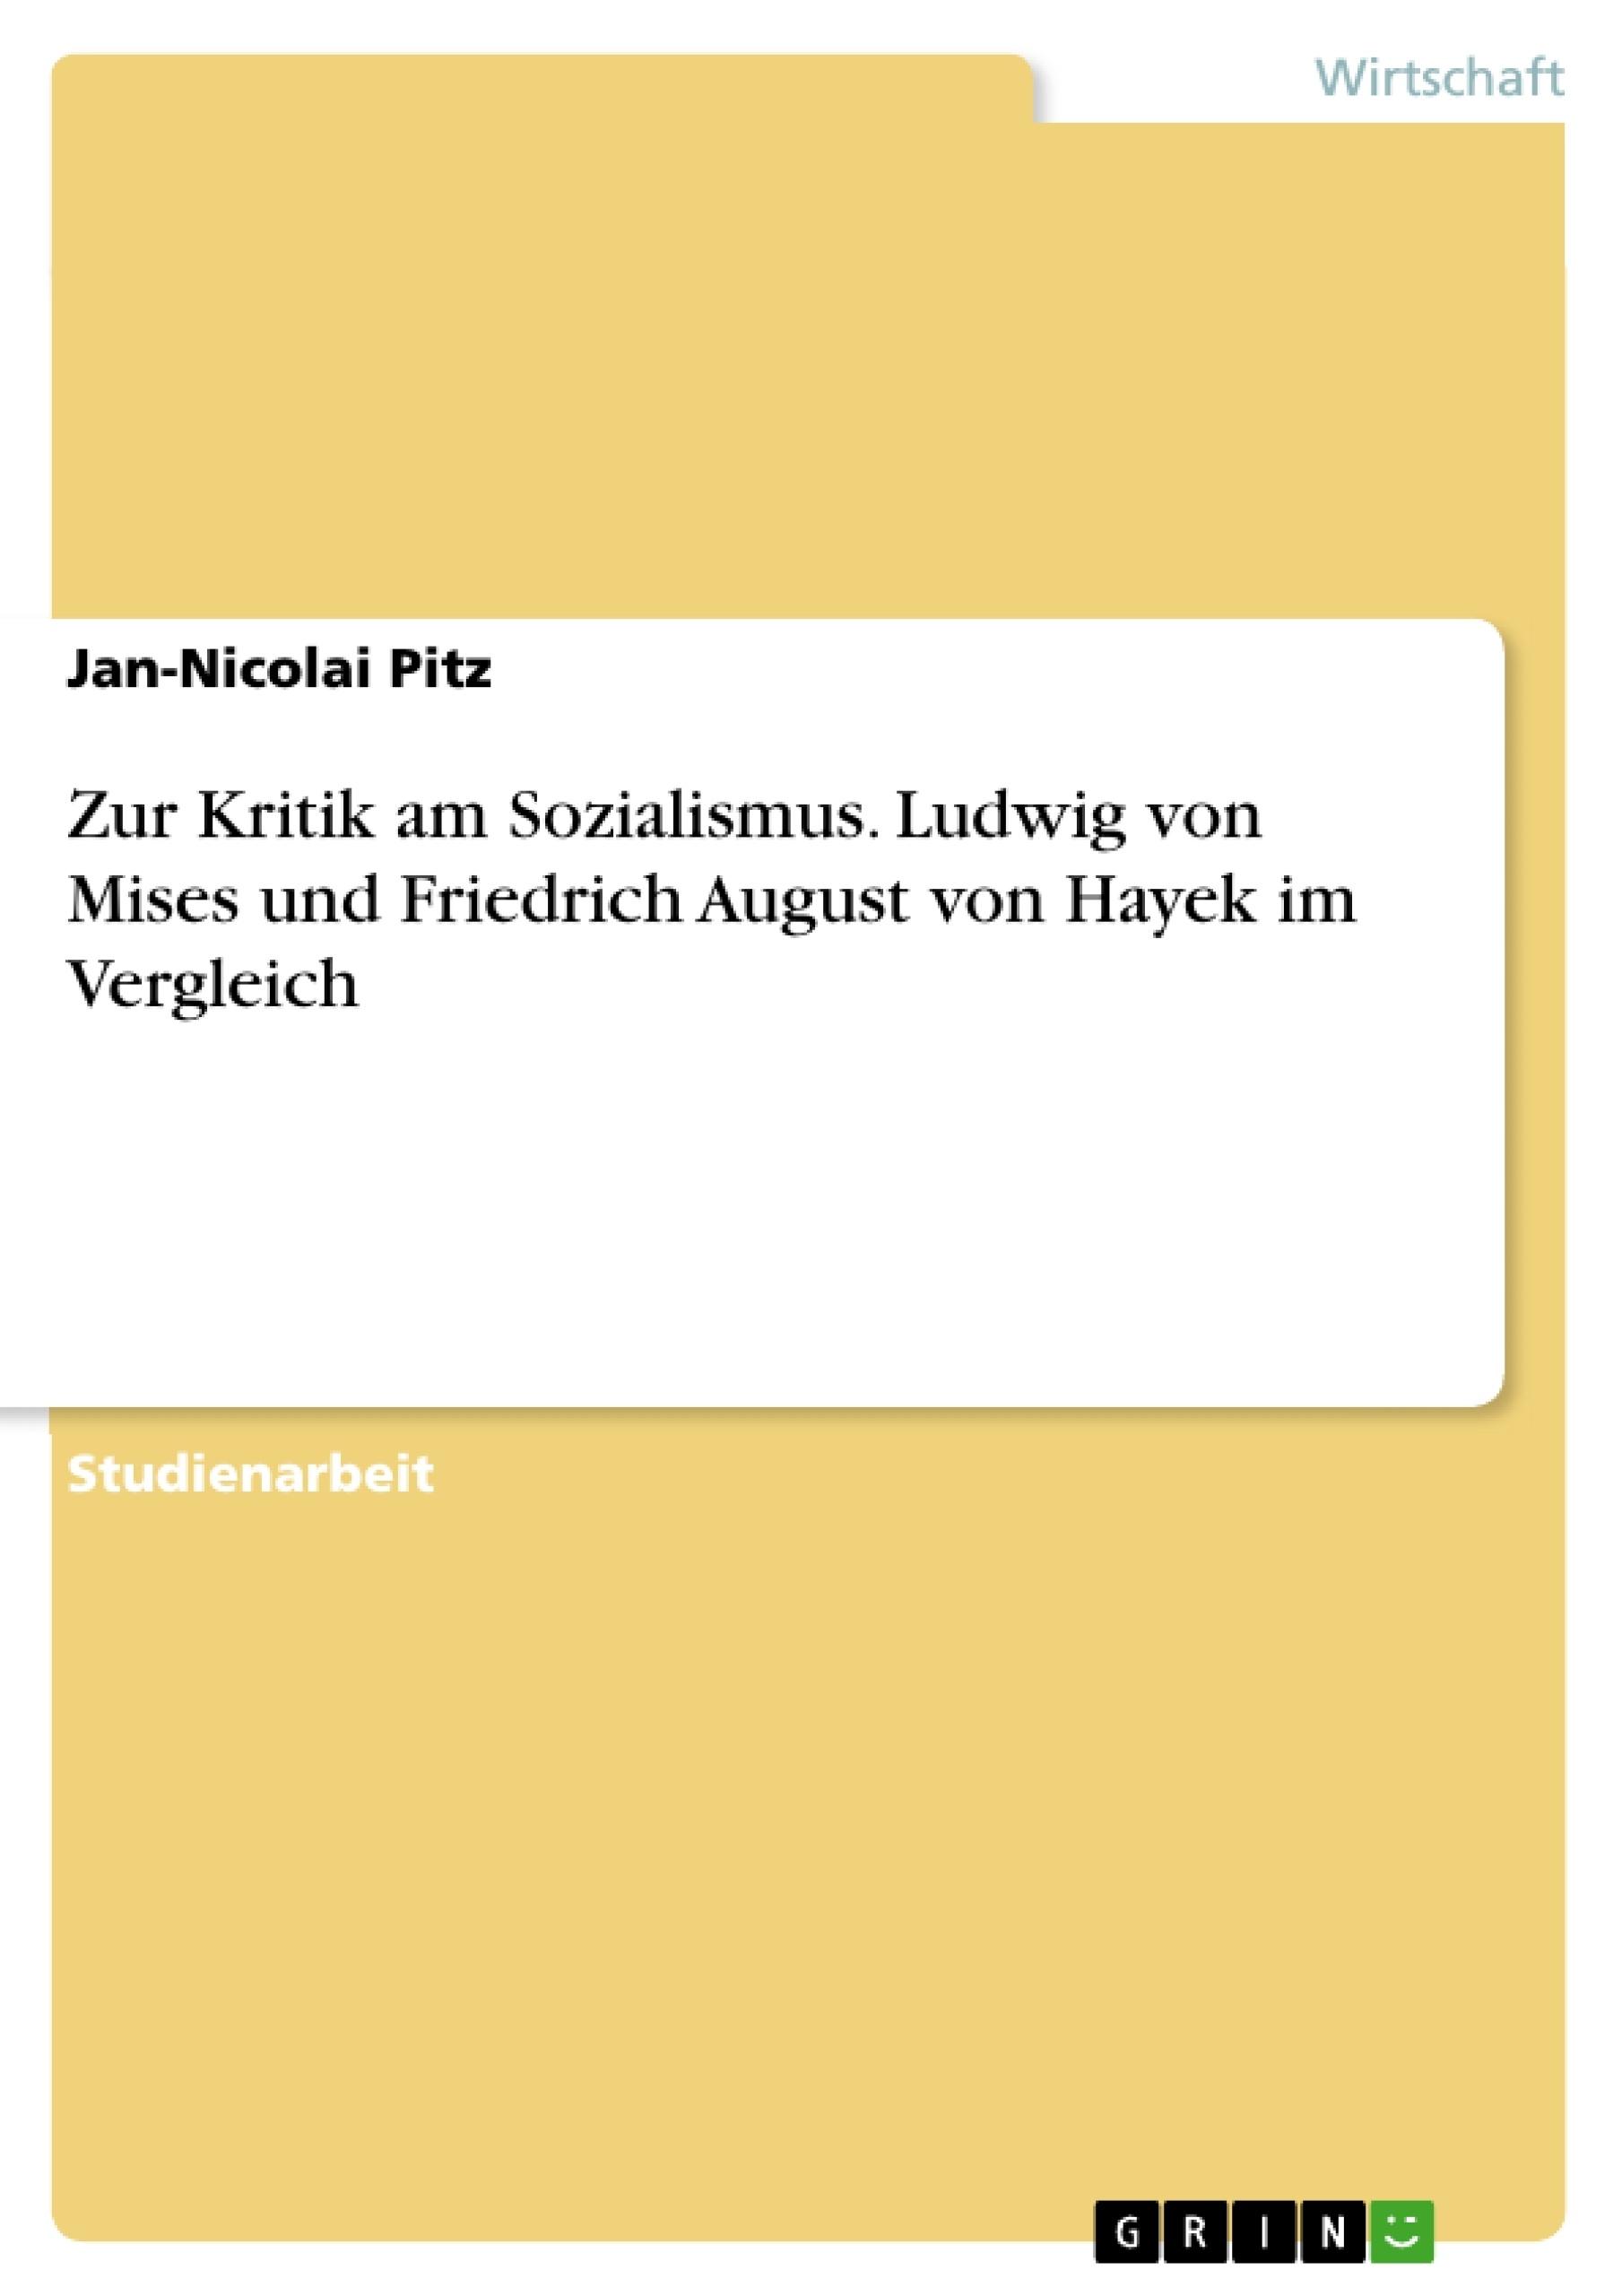 Titel: Zur Kritik am Sozialismus. Ludwig von Mises und Friedrich August von Hayek im Vergleich